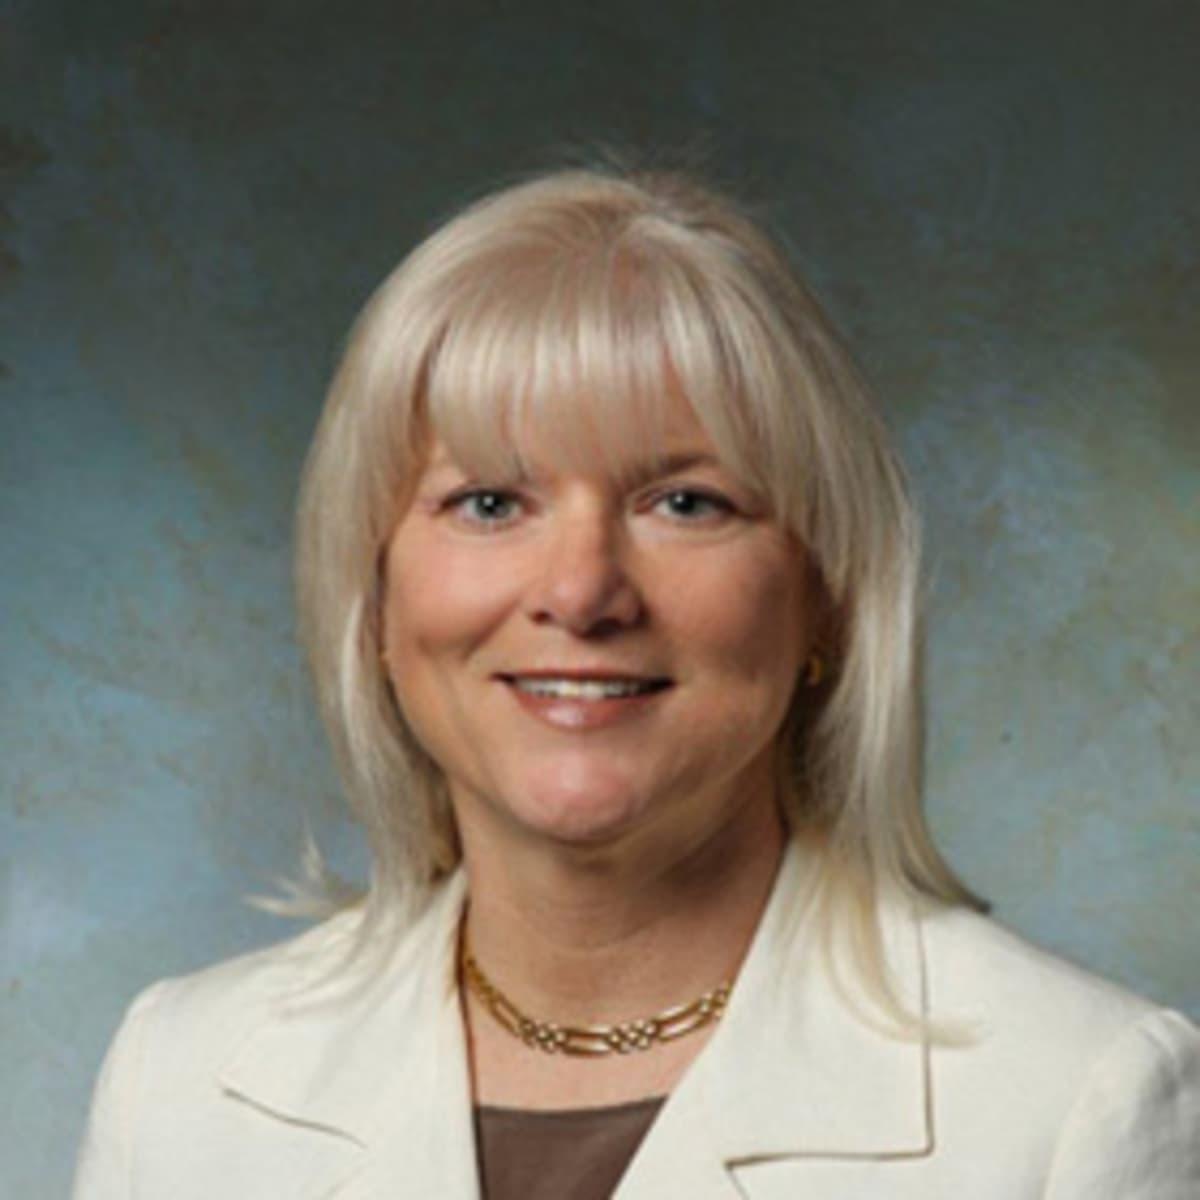 Dr Alison Lex Virginia Beach Va